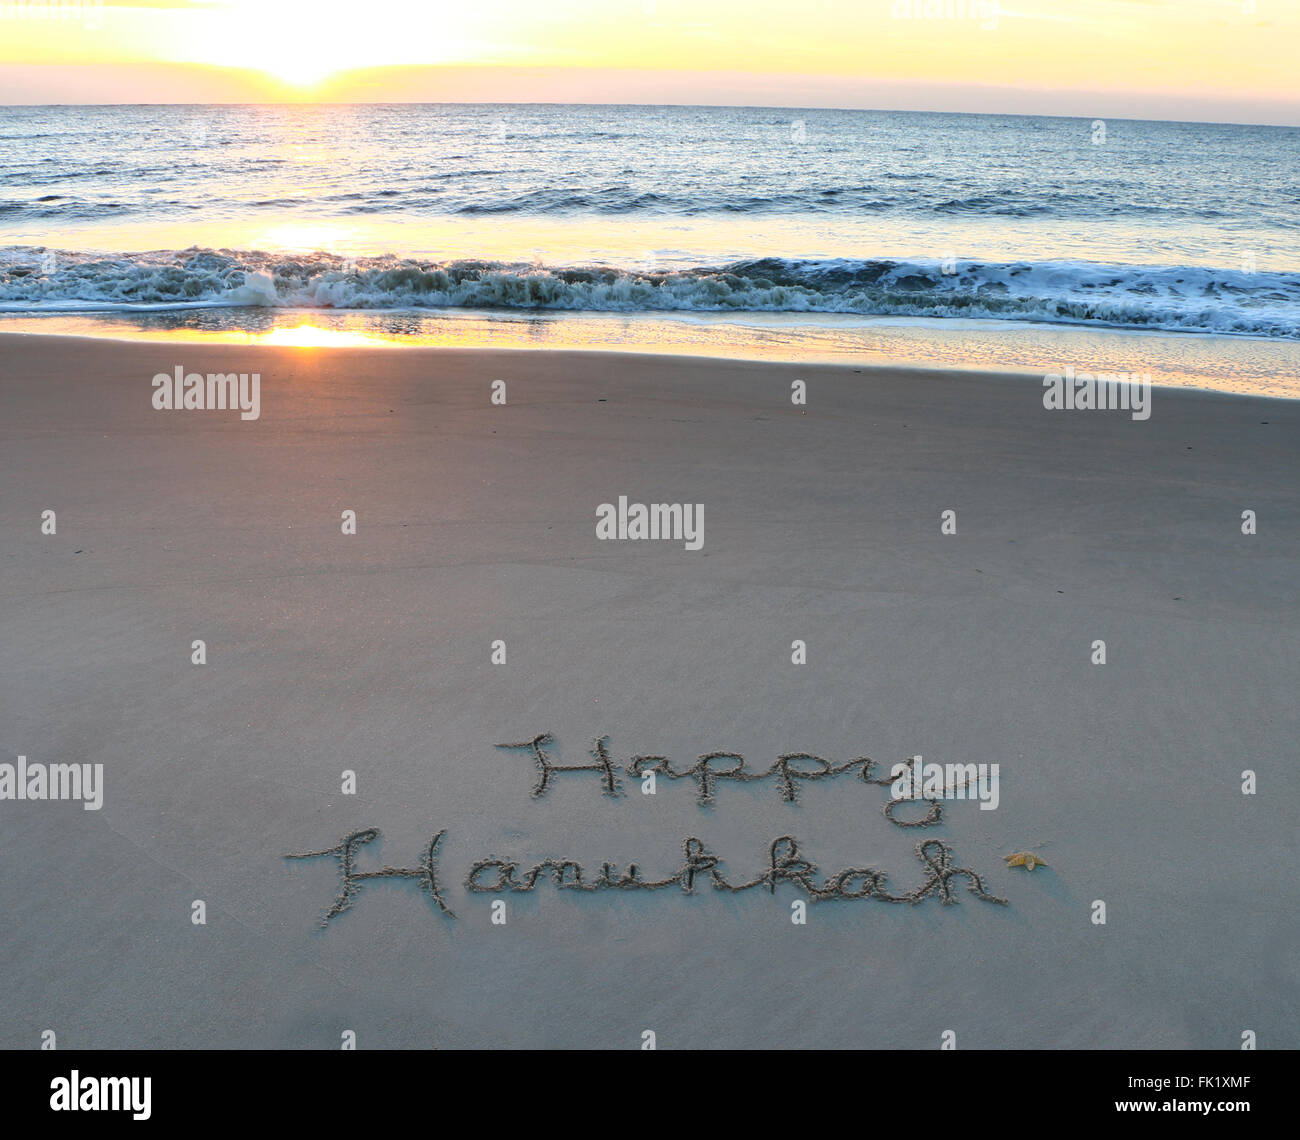 Happy Hanukkah written in sand on the beach Stock Photo